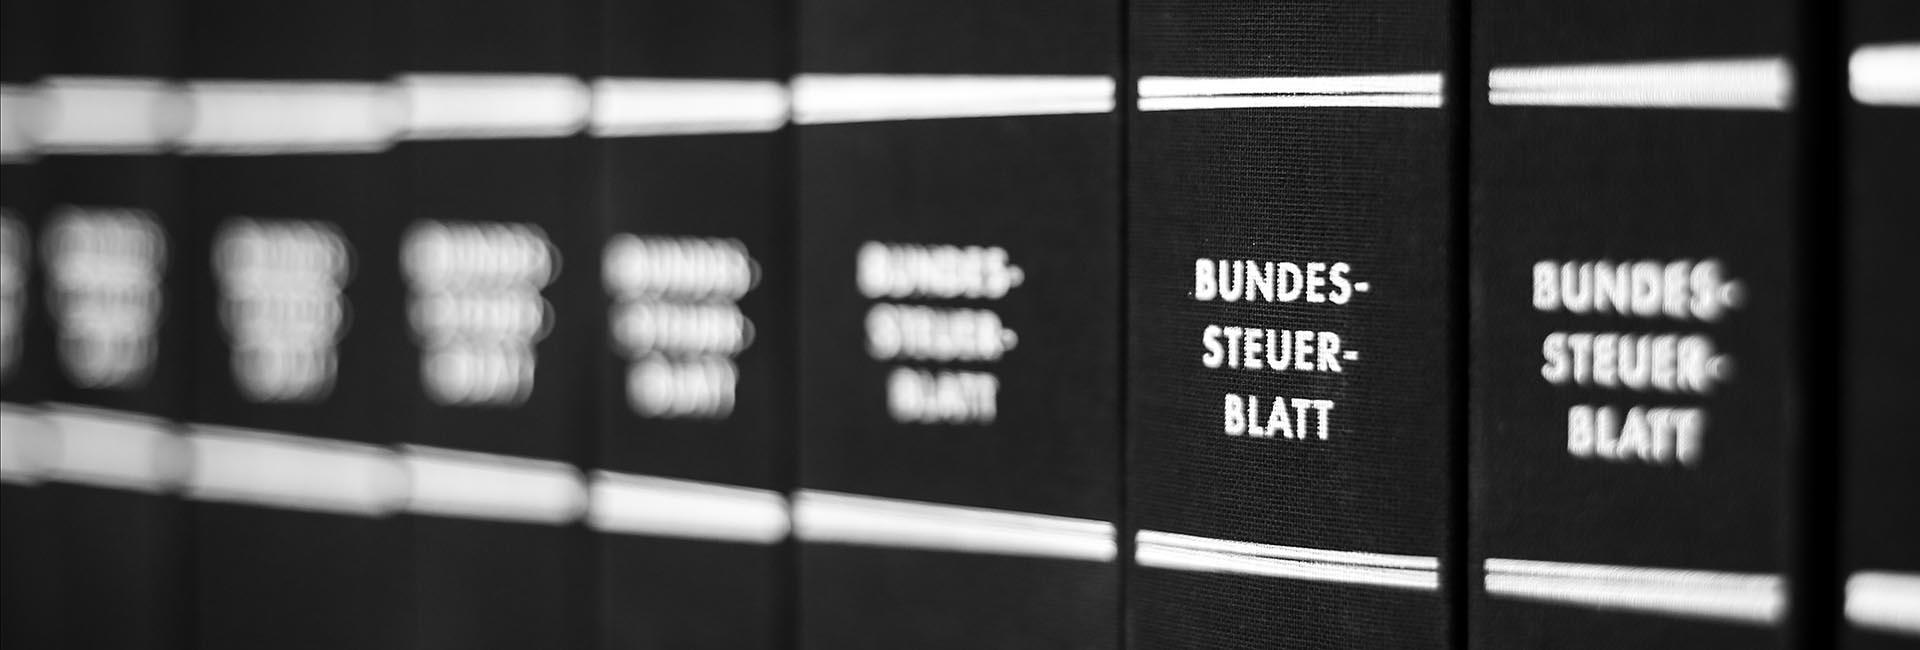 Steuerblatt